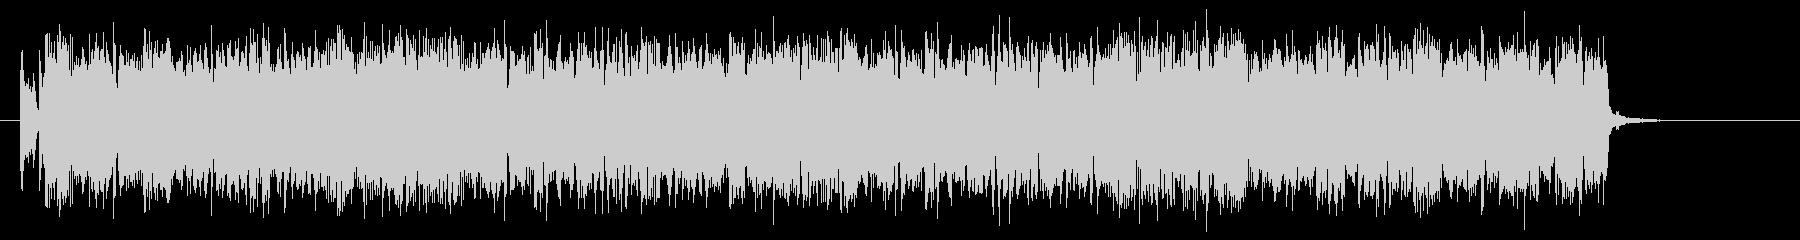 パンクハードで不思議なシンセジングルの未再生の波形